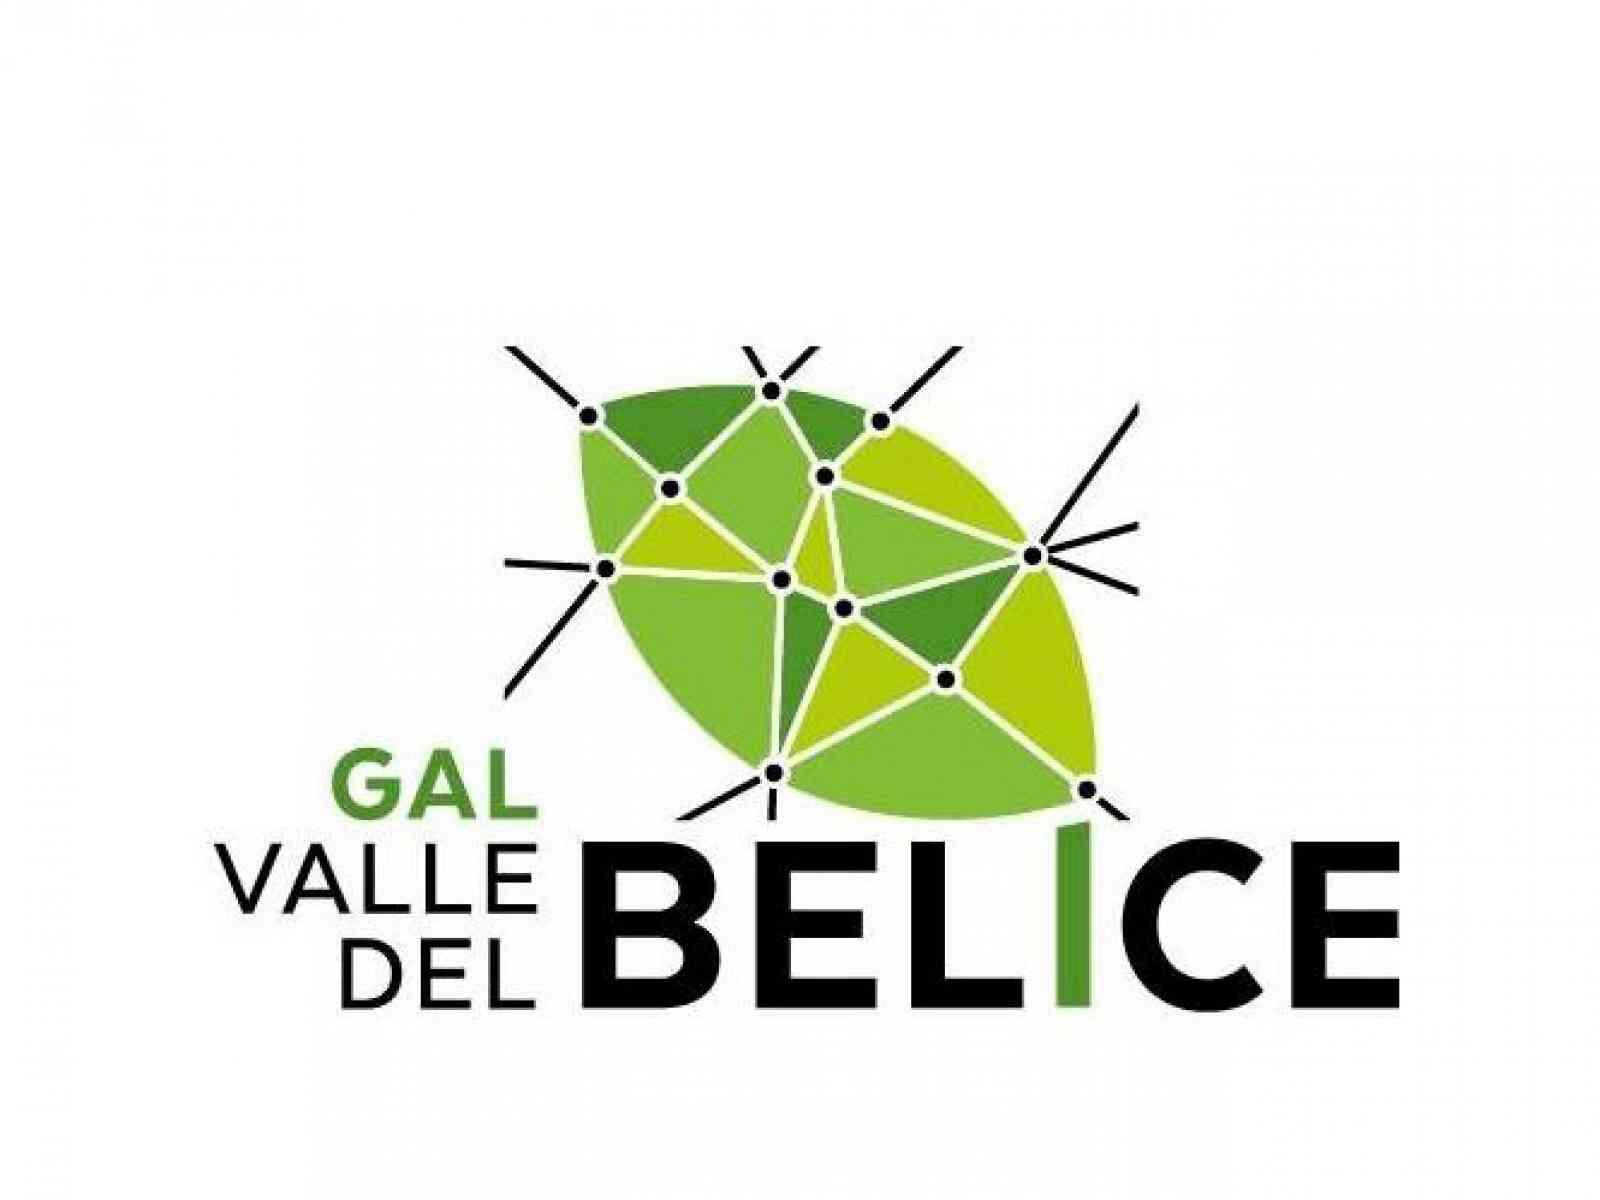 Finanziato il GAL Valle del Belice. Più di 3milioni di euro per lo sviluppo e la promozione dei comuni aderenti